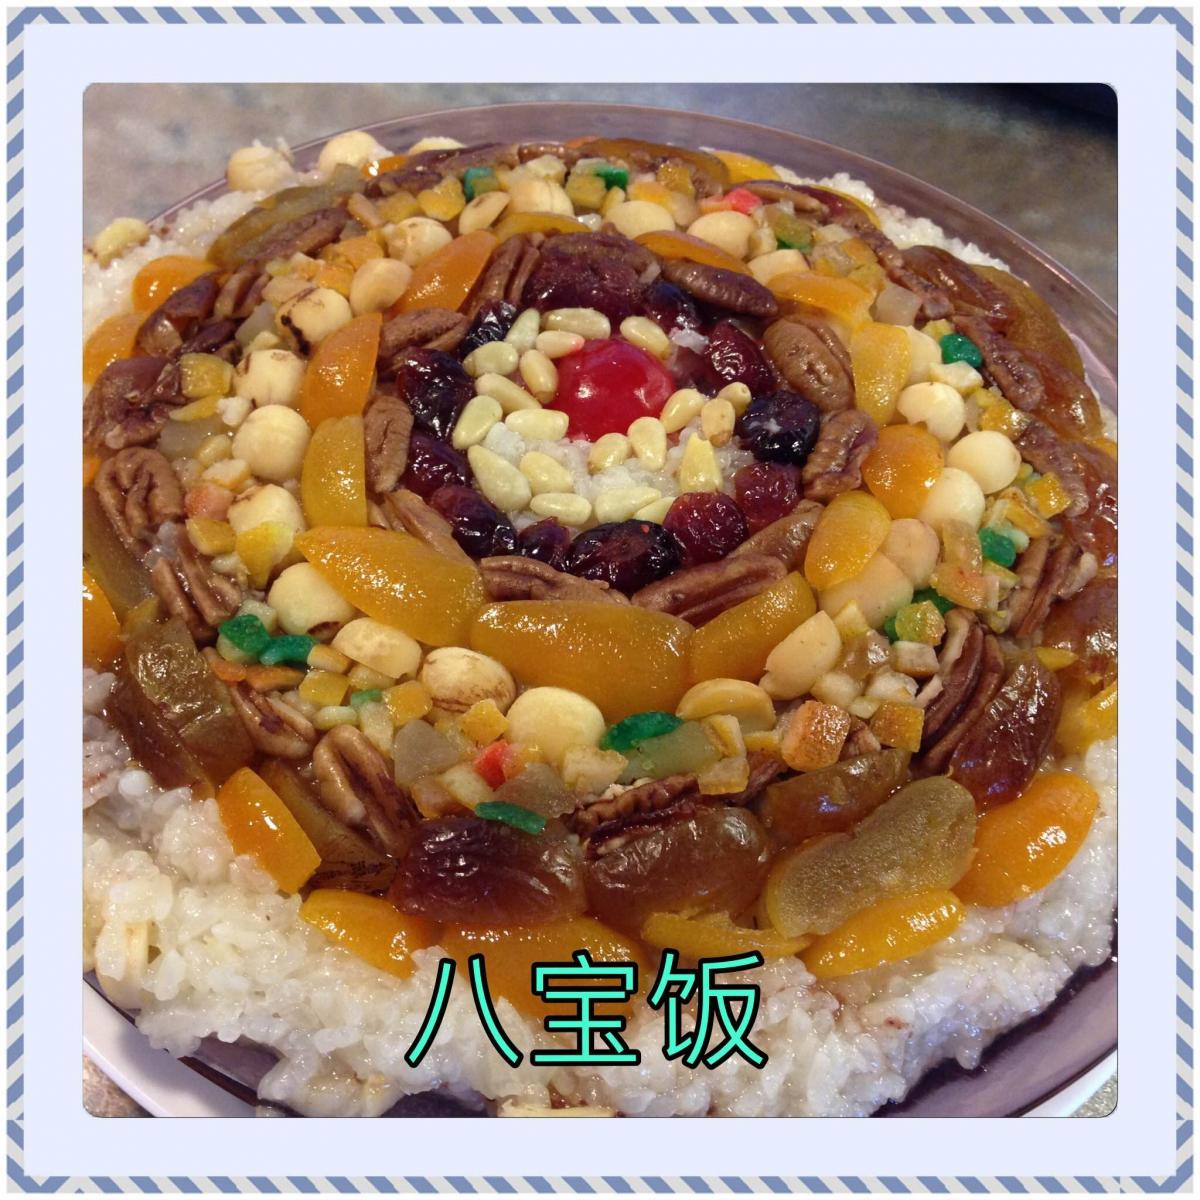 《心芽》舌尖贺猴年_图1-10